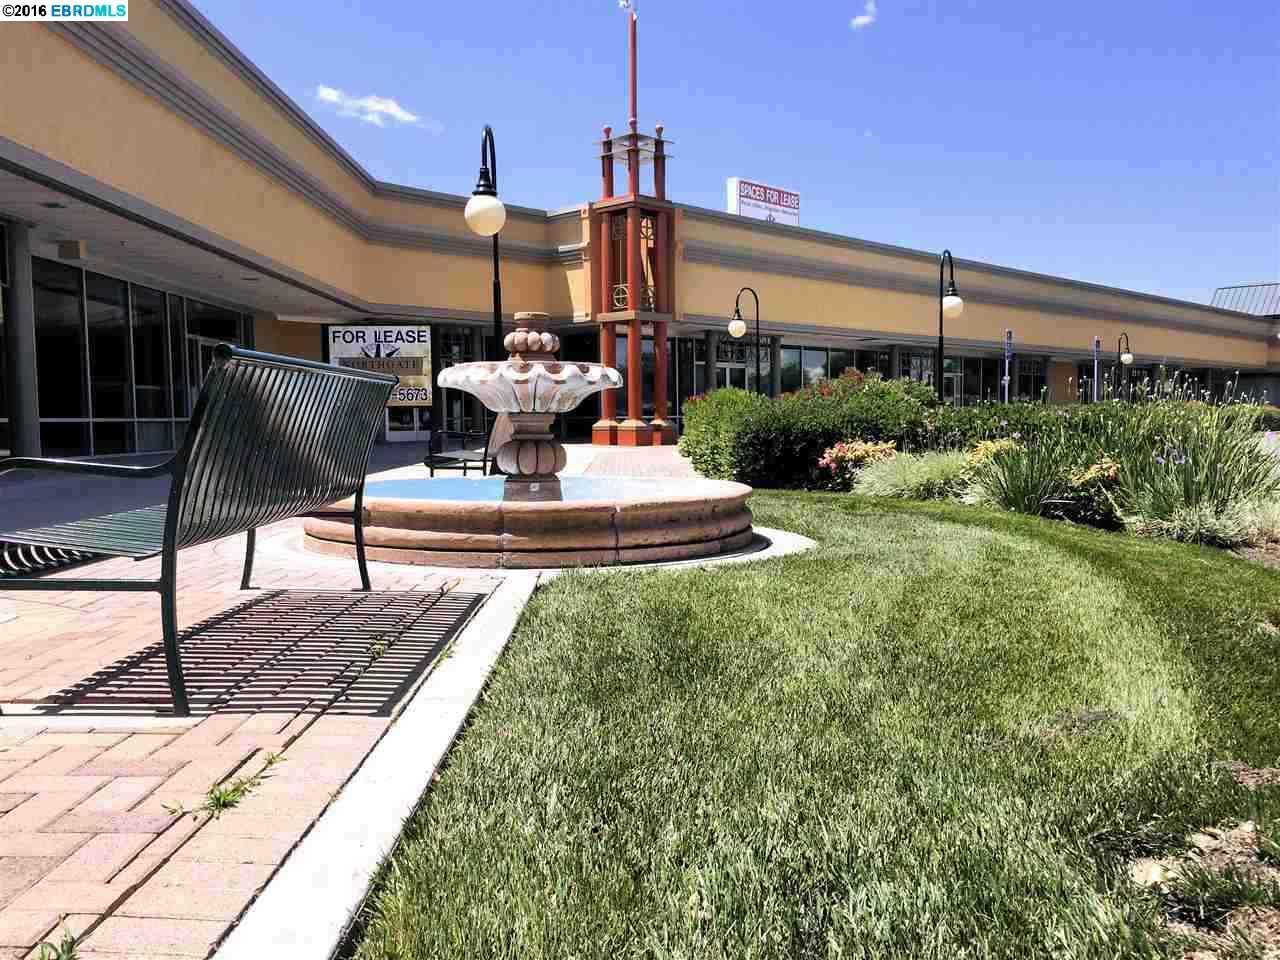 Casa Unifamiliar por un Alquiler en 1005 E Pescadero suite 155-157 Tracy, California 95304 Estados Unidos